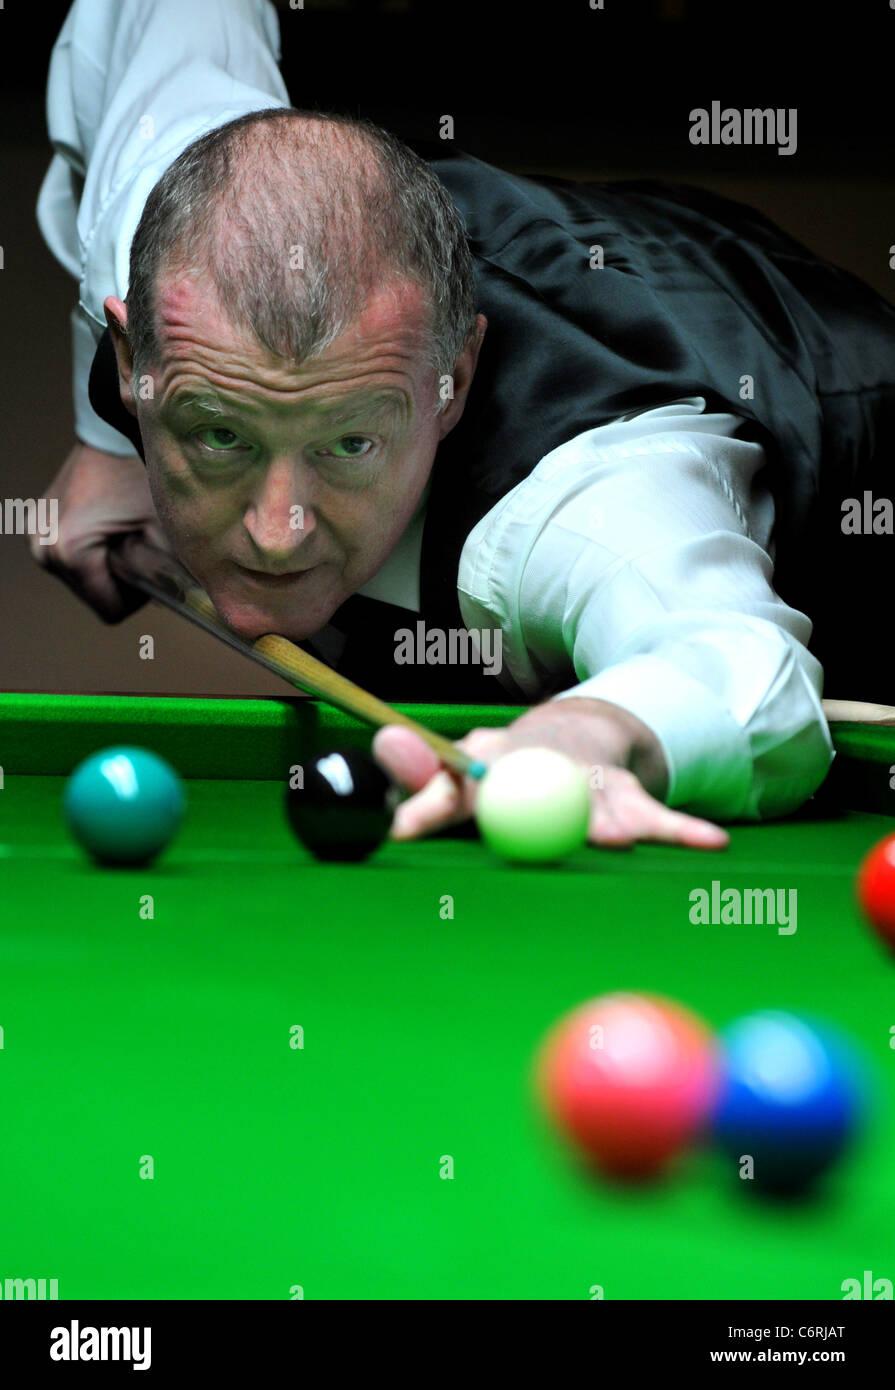 Steve Davis, former World Snooker champion. UK - Stock Image